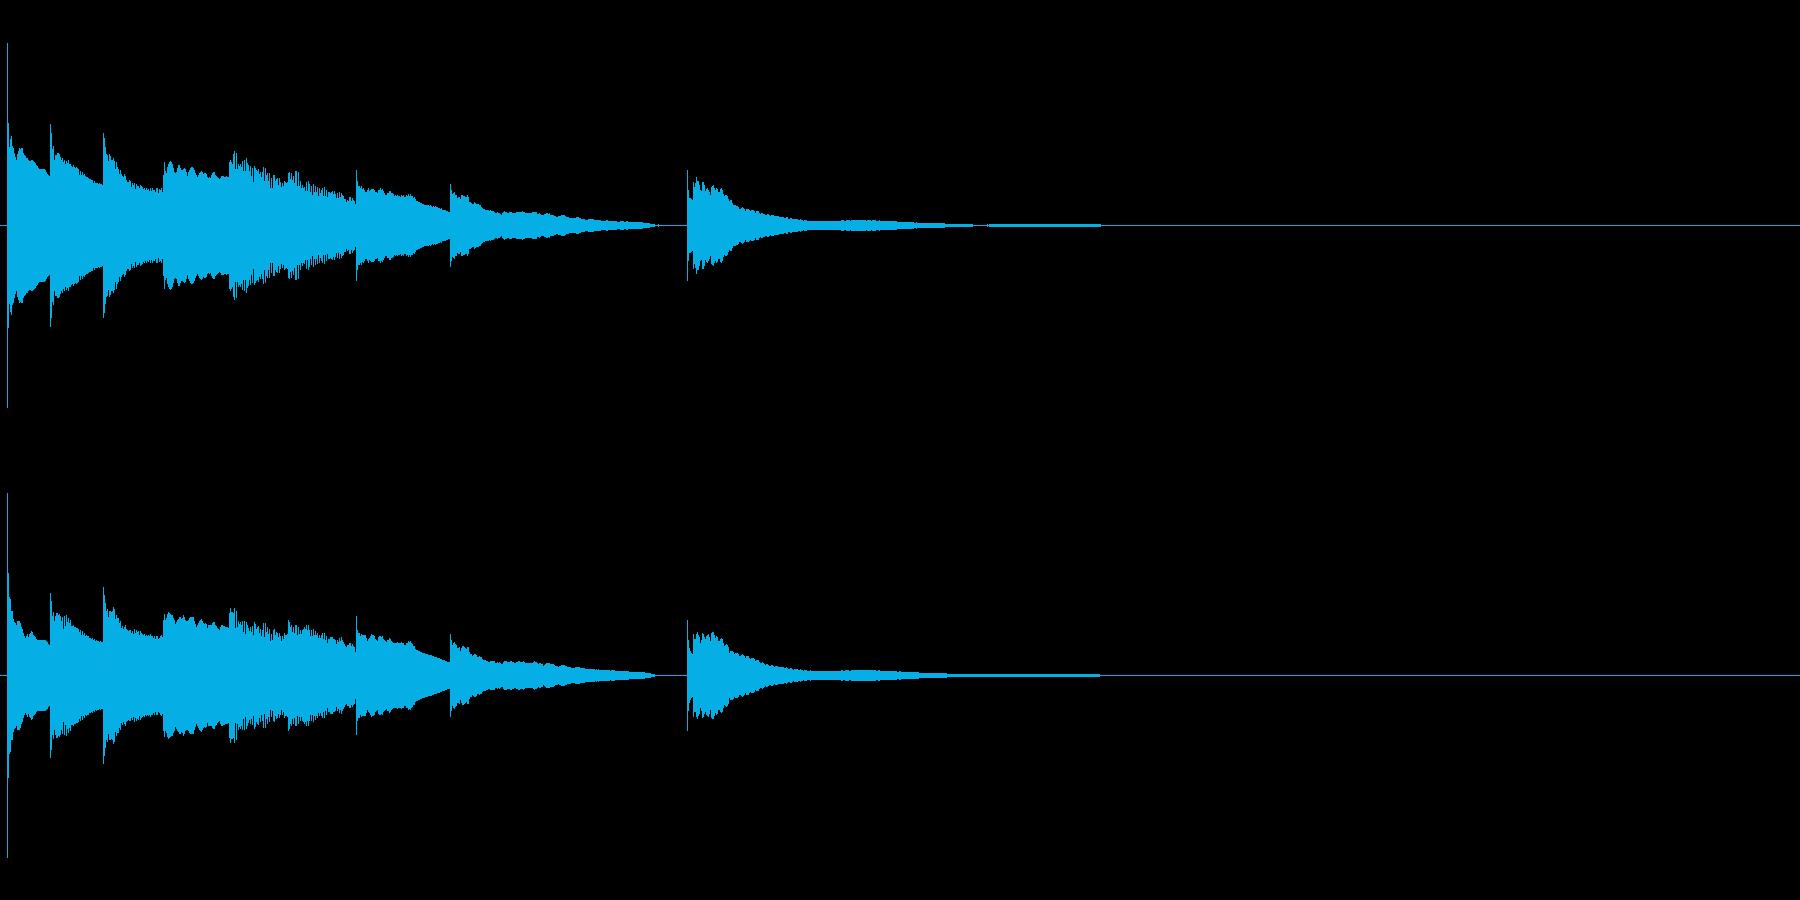 エンディング E.ピアノソロ  の再生済みの波形